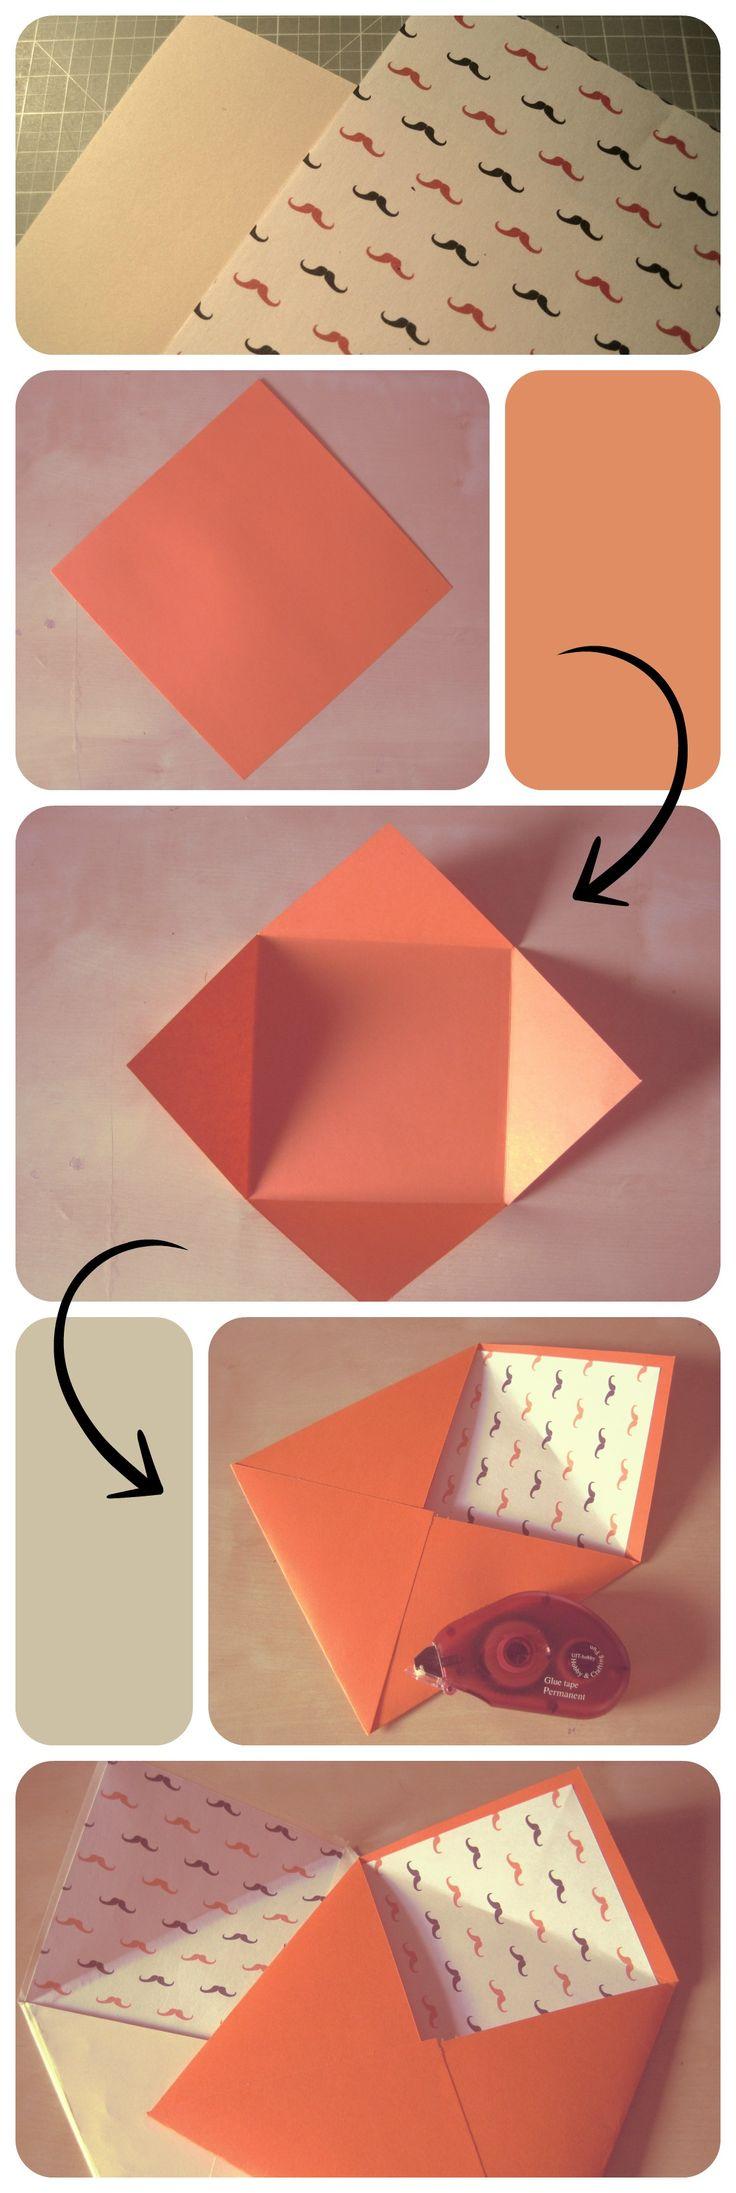 ¿Quieres enviar una carta personalizada a alguien especia? Aquí te dejamos algunas ideas para crear tus propios sobres originales.